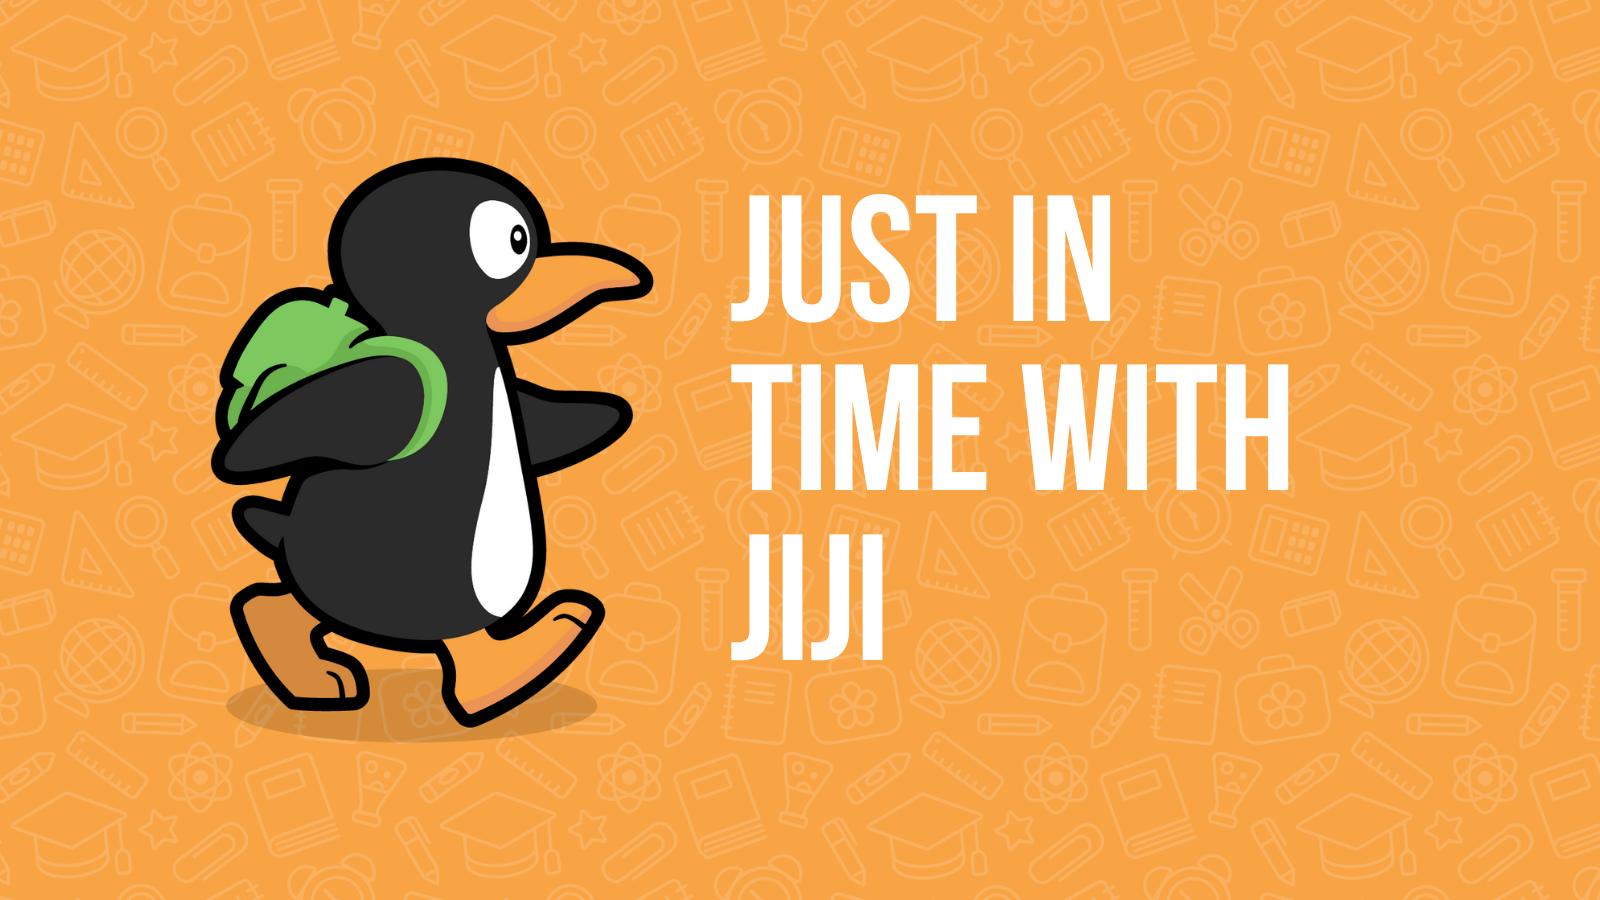 just-in-time-with-jiji-orange